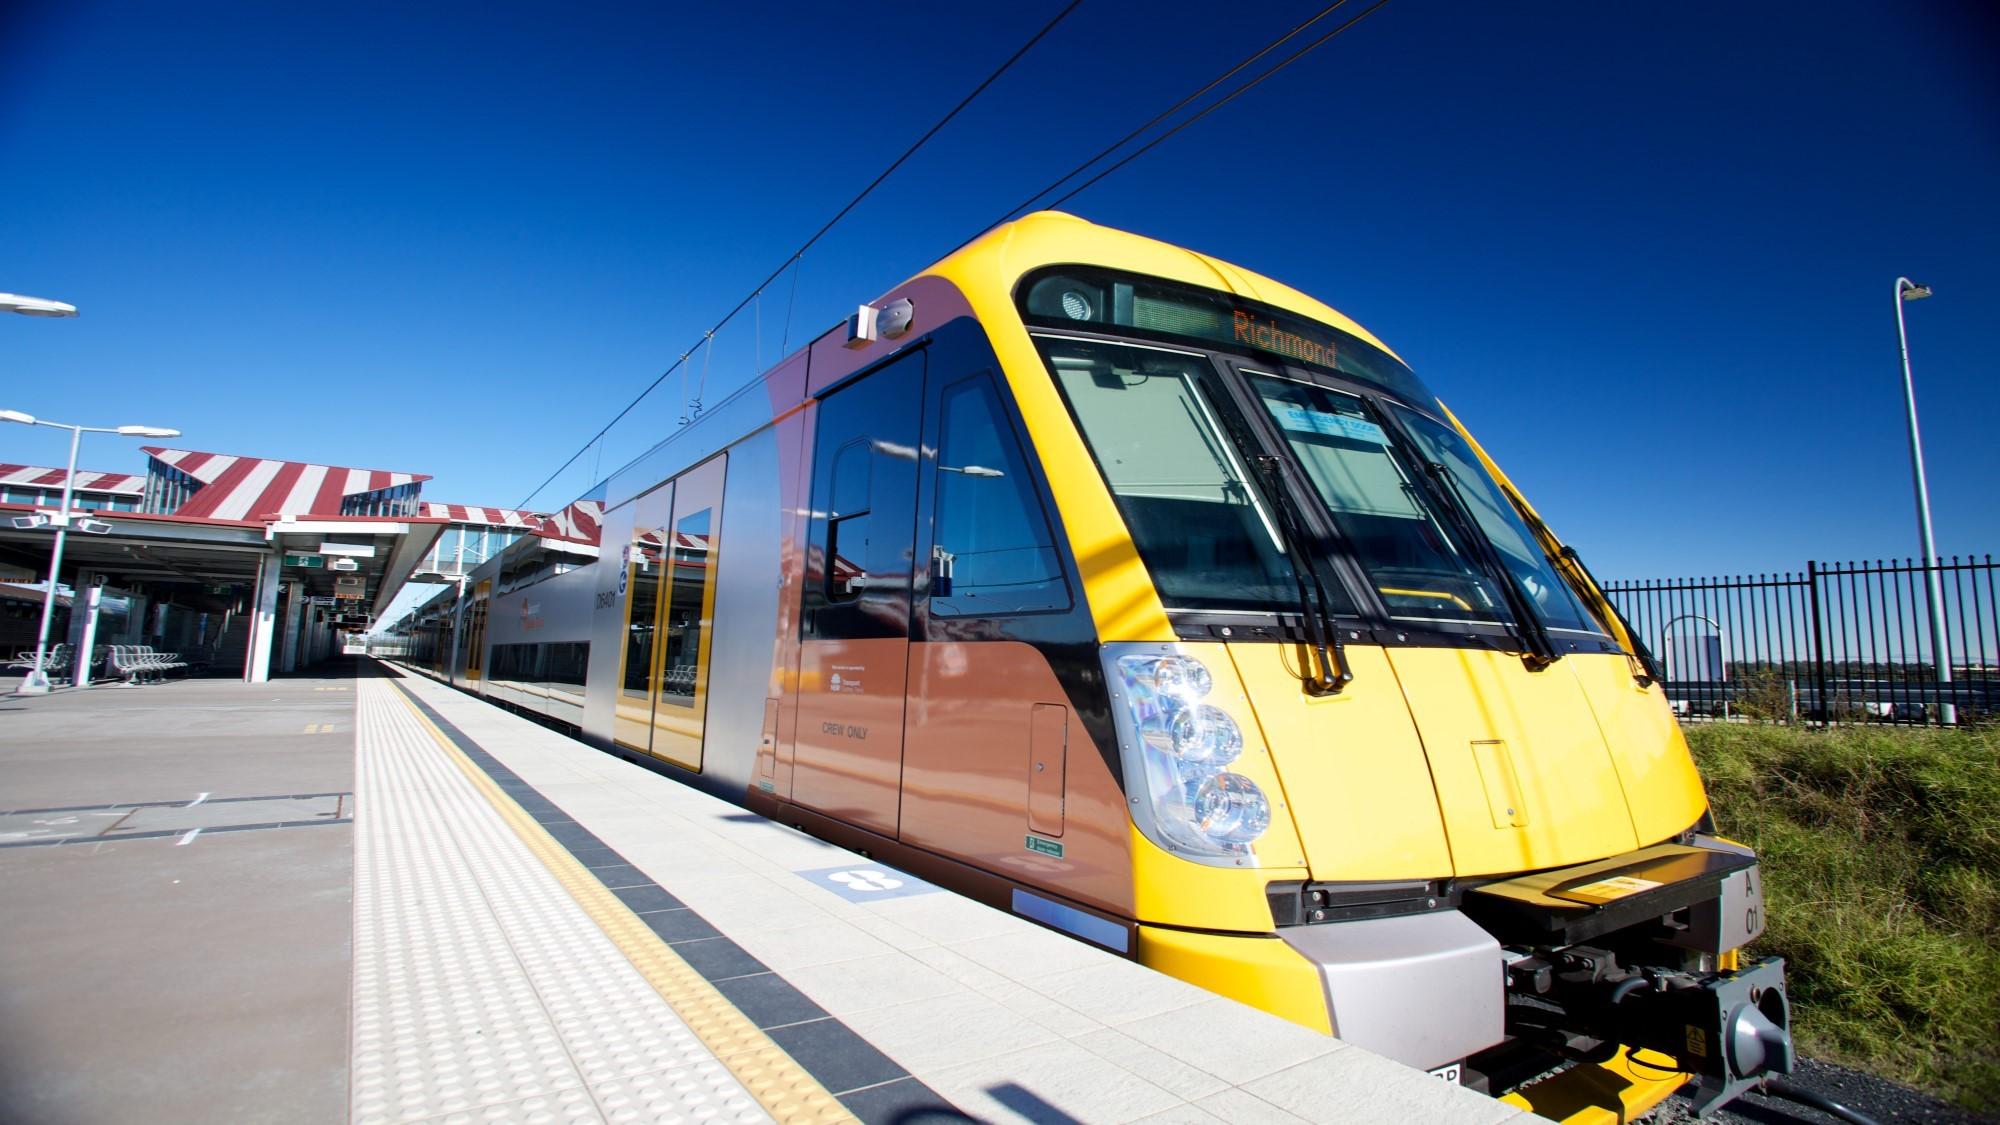 suez sydney trains header 2000x1125